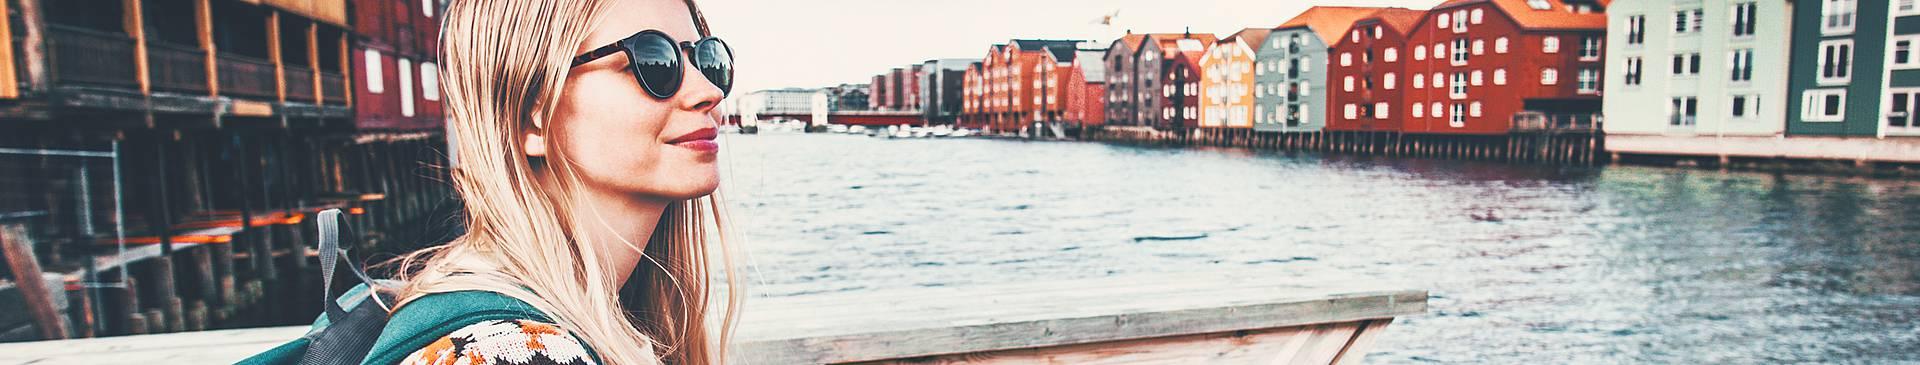 Norway solo travel